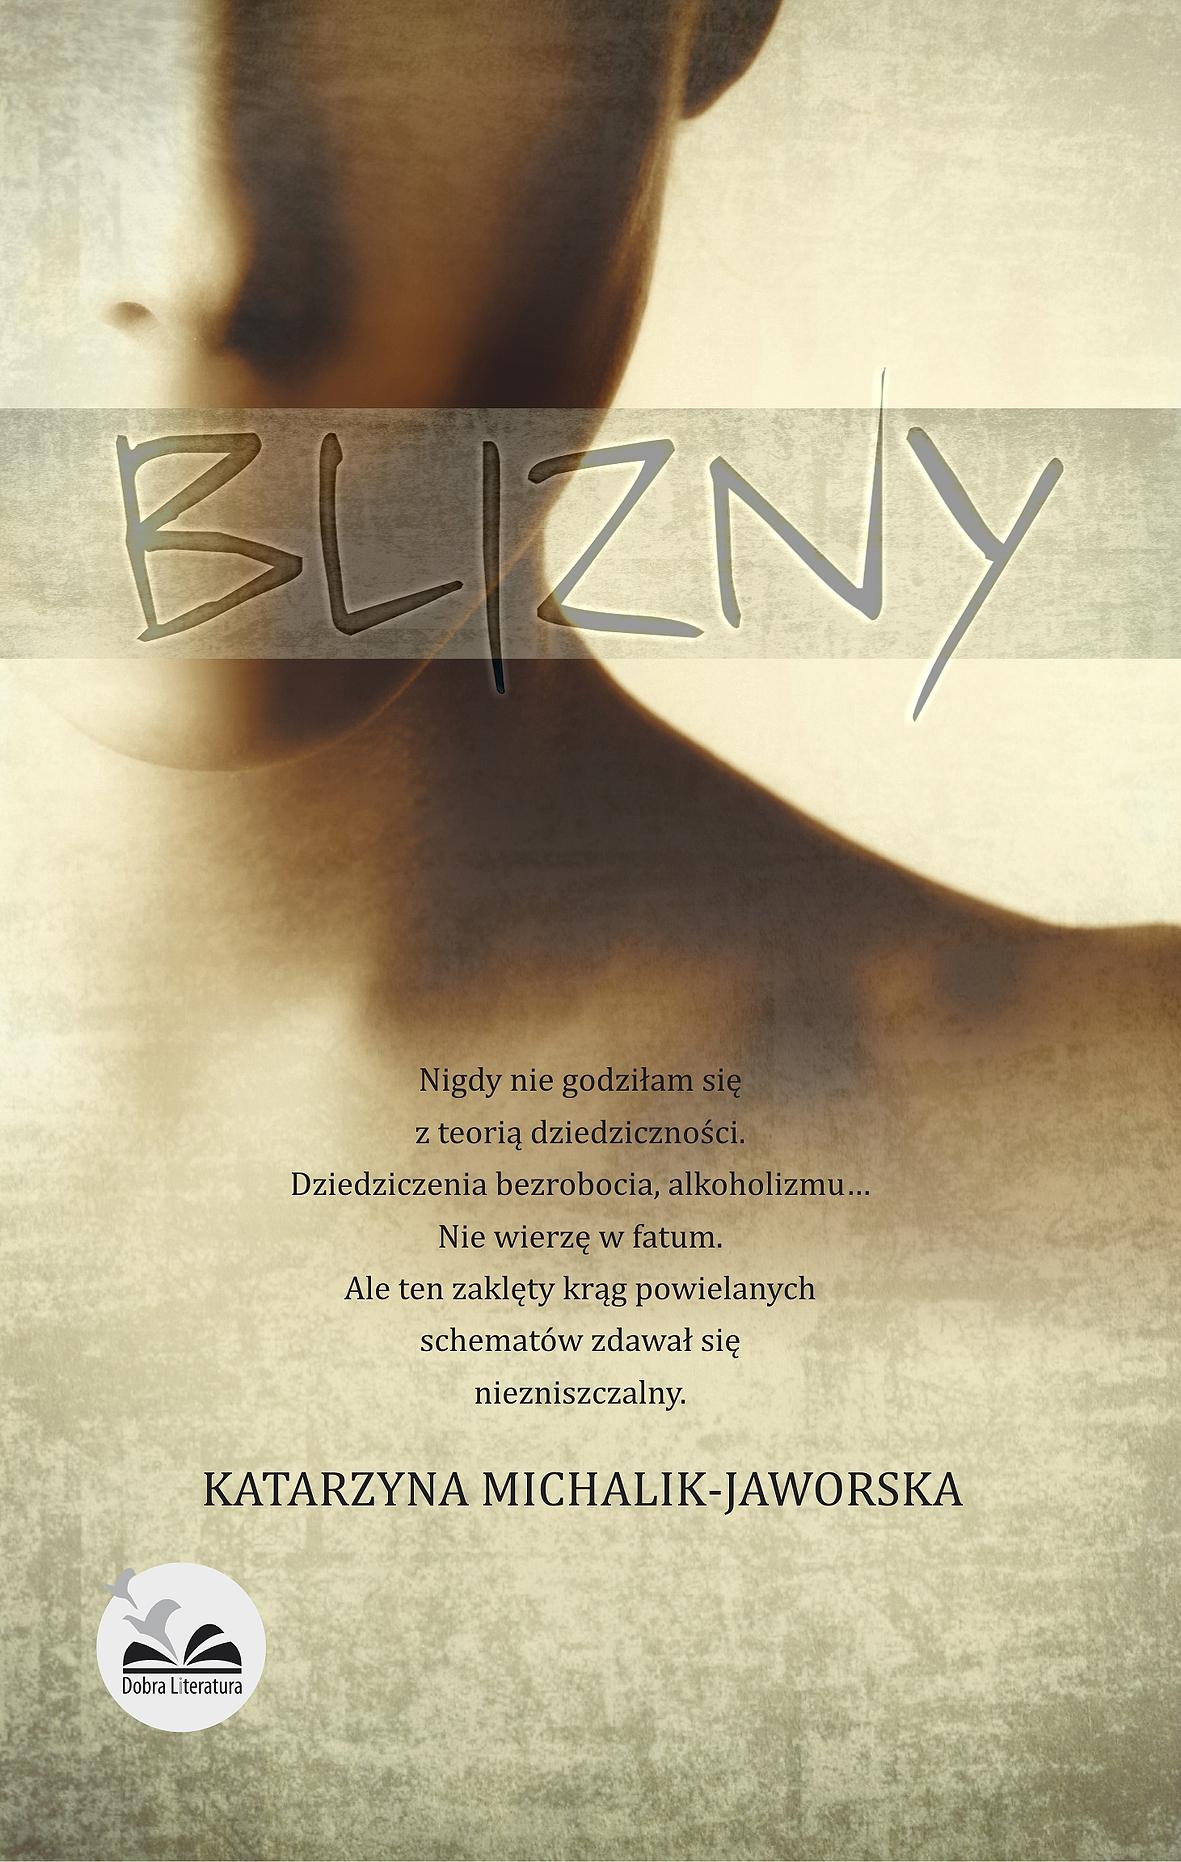 Okładka książki - Blizny